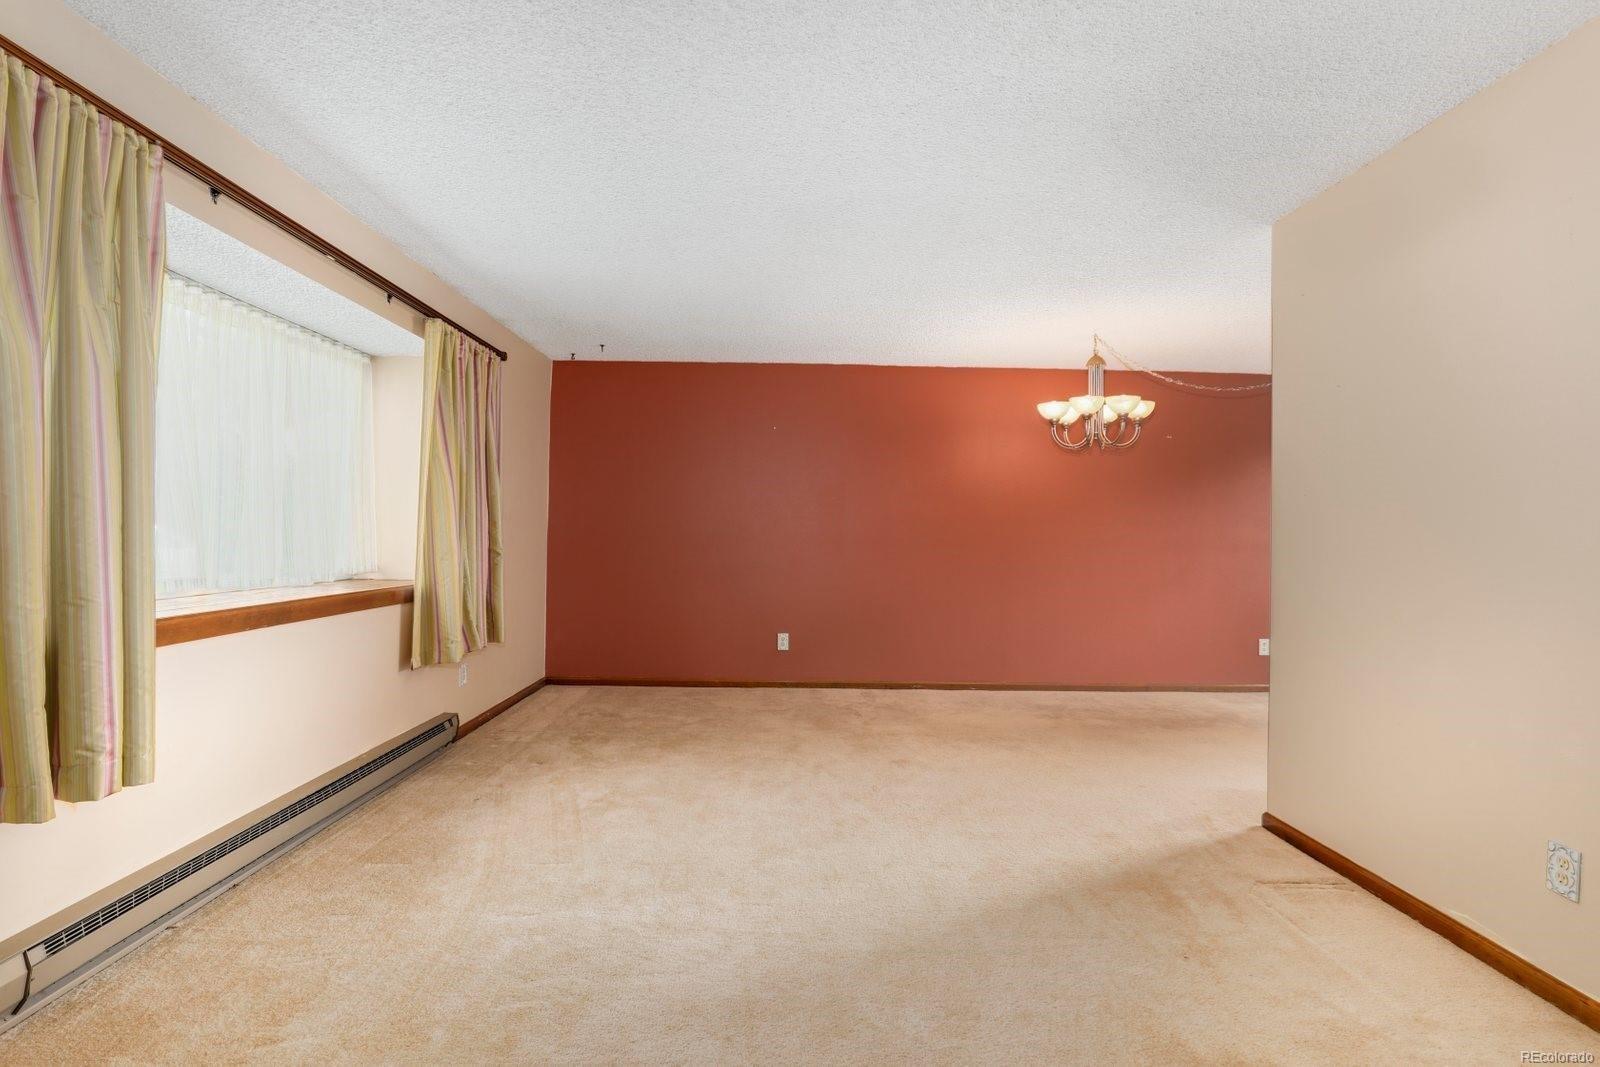 MLS# 9388293 - 7 - 920 Coral Court, Castle Rock, CO 80104